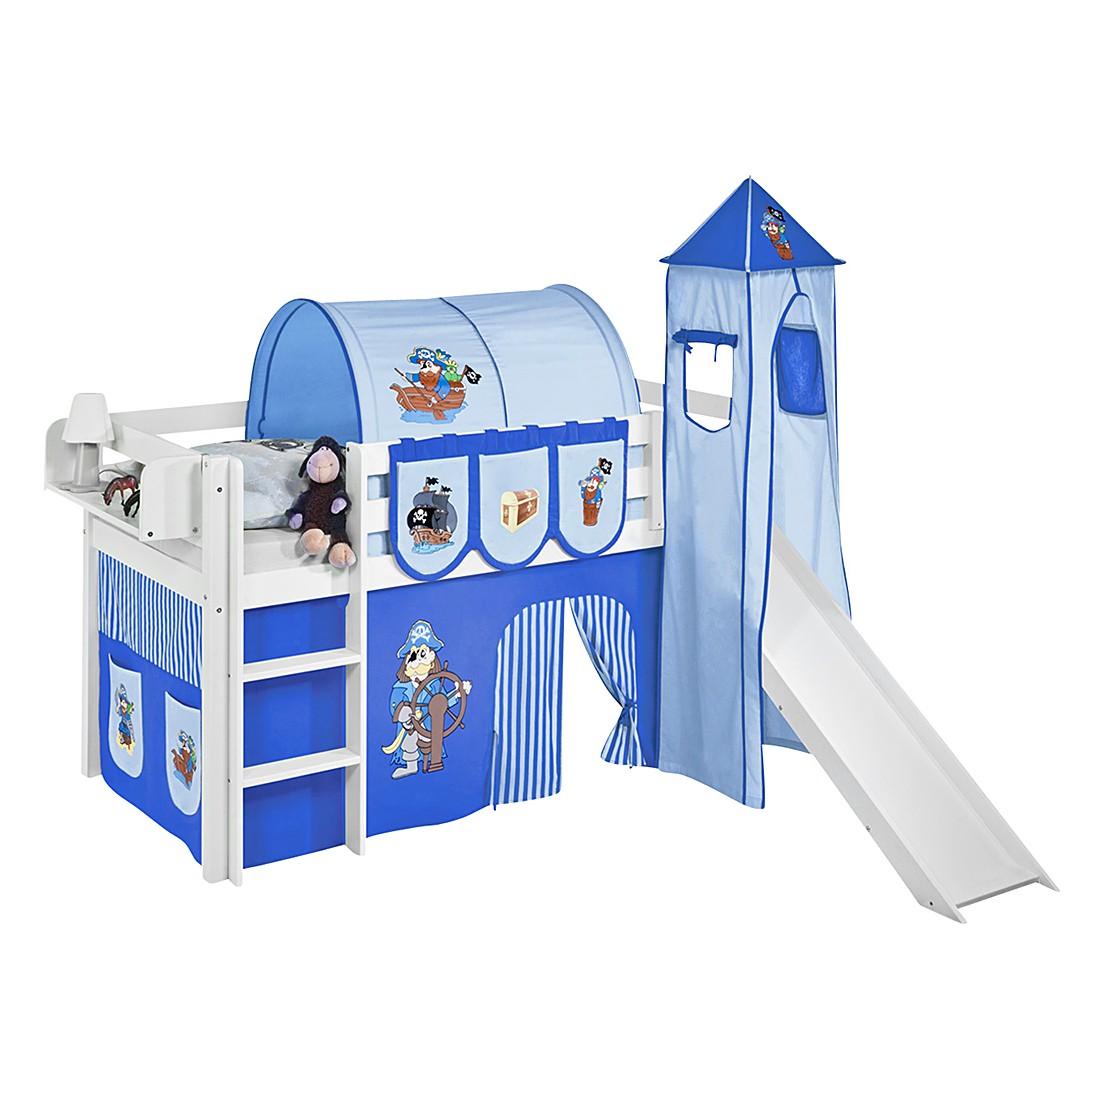 Spielbett JELLE Pirat Blau – Hochbett LILOKIDS – mit Turm und Rutsche und Vorhang – weiß – 90 x 190 cm, Lilokids online kaufen